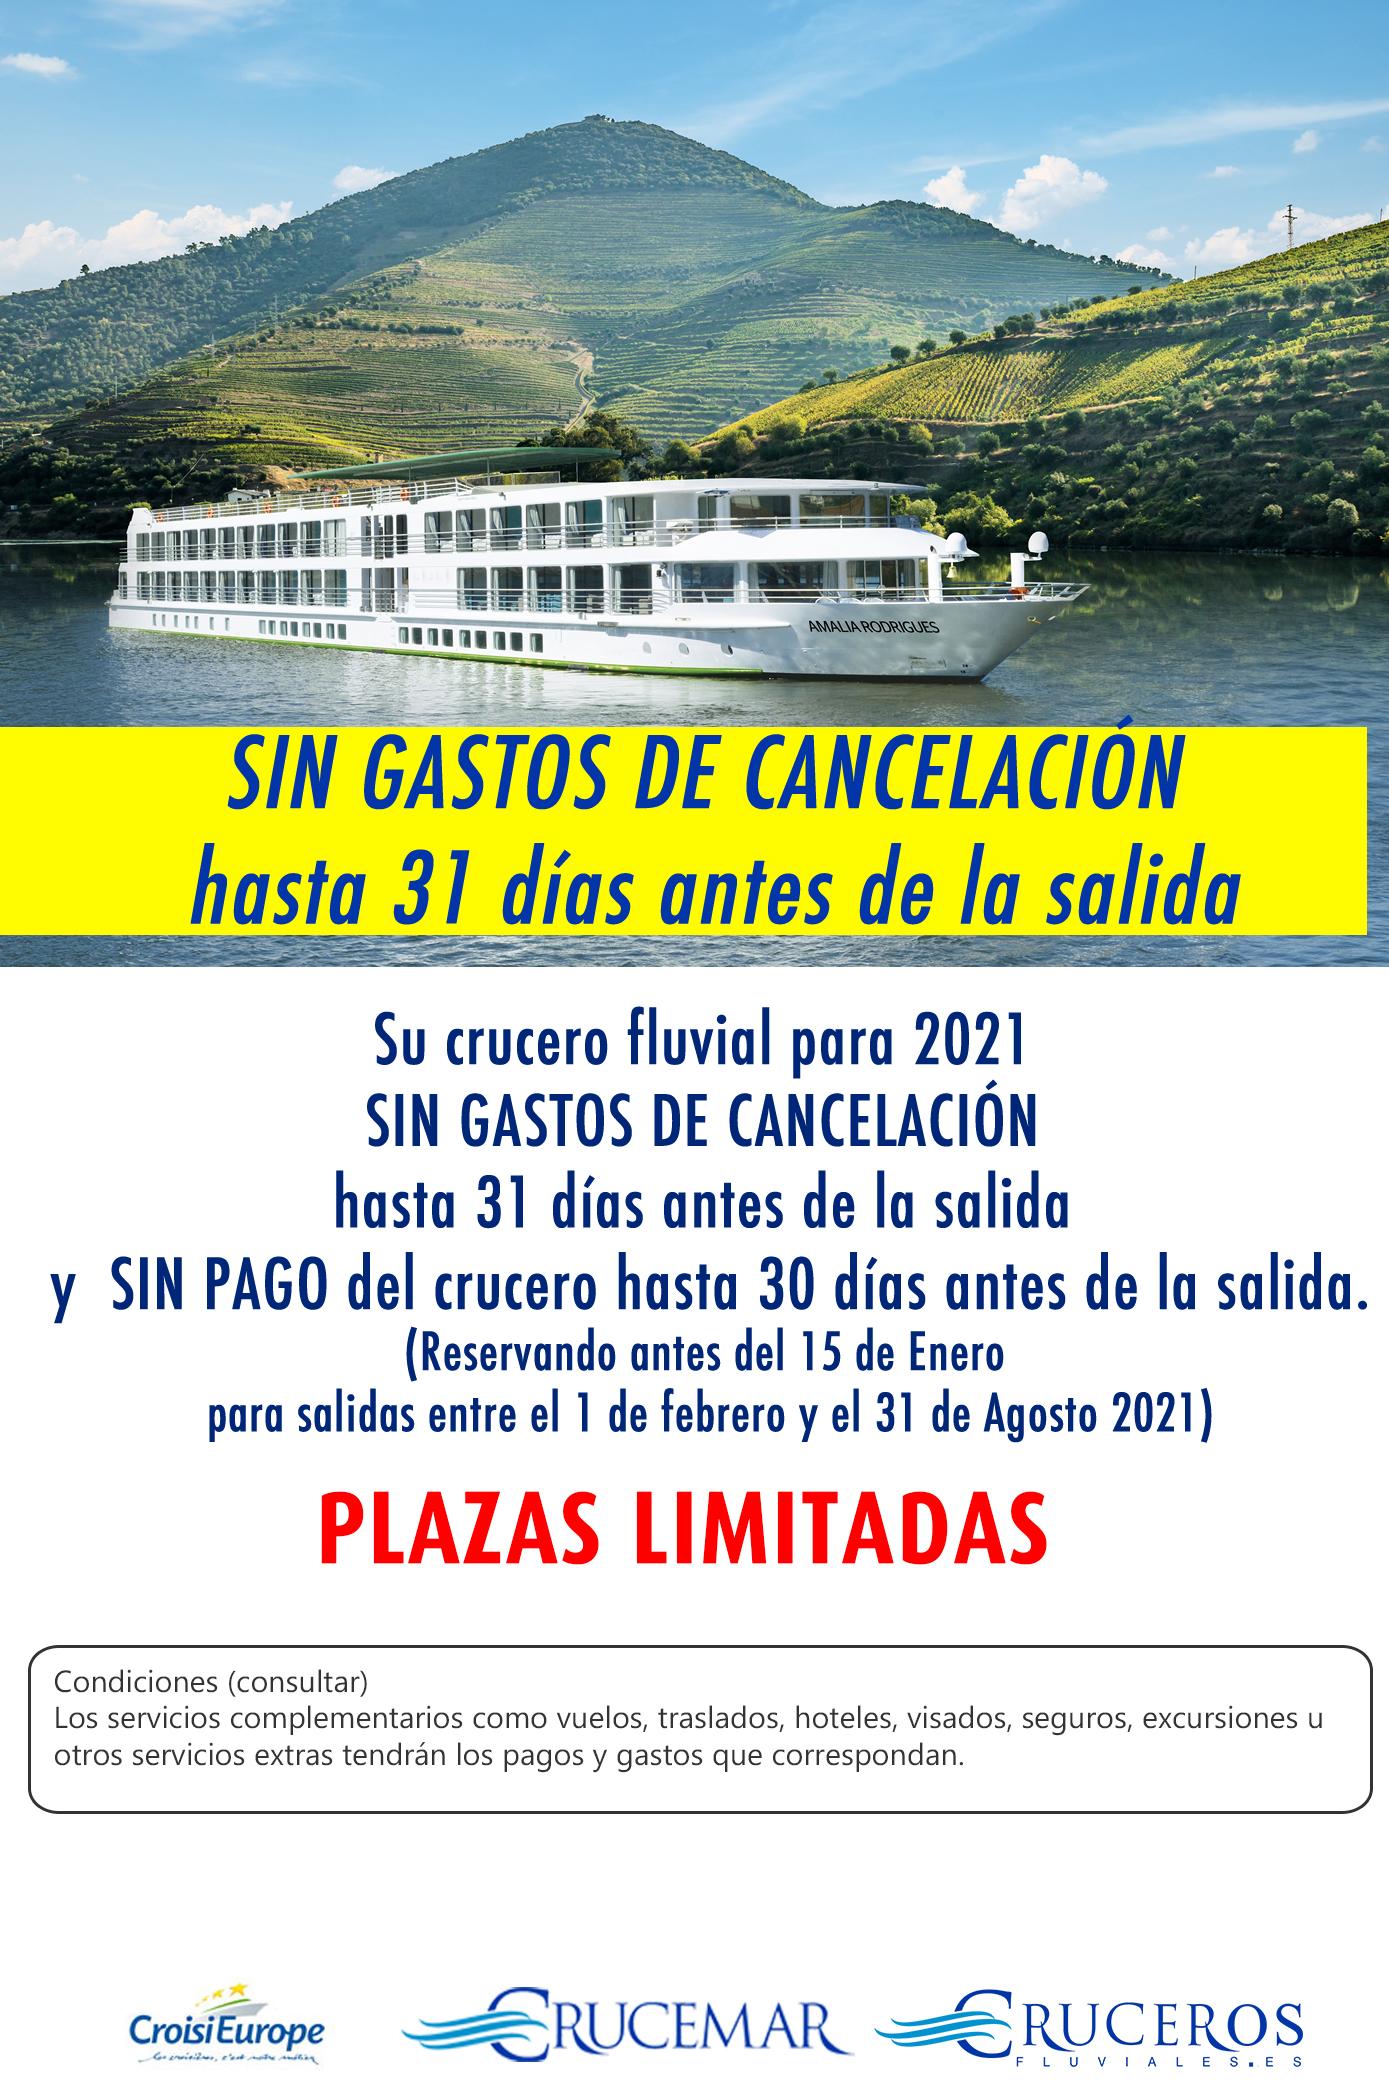 Crucero SIN GASTOS DE CANCELACIÓN Croisieurope